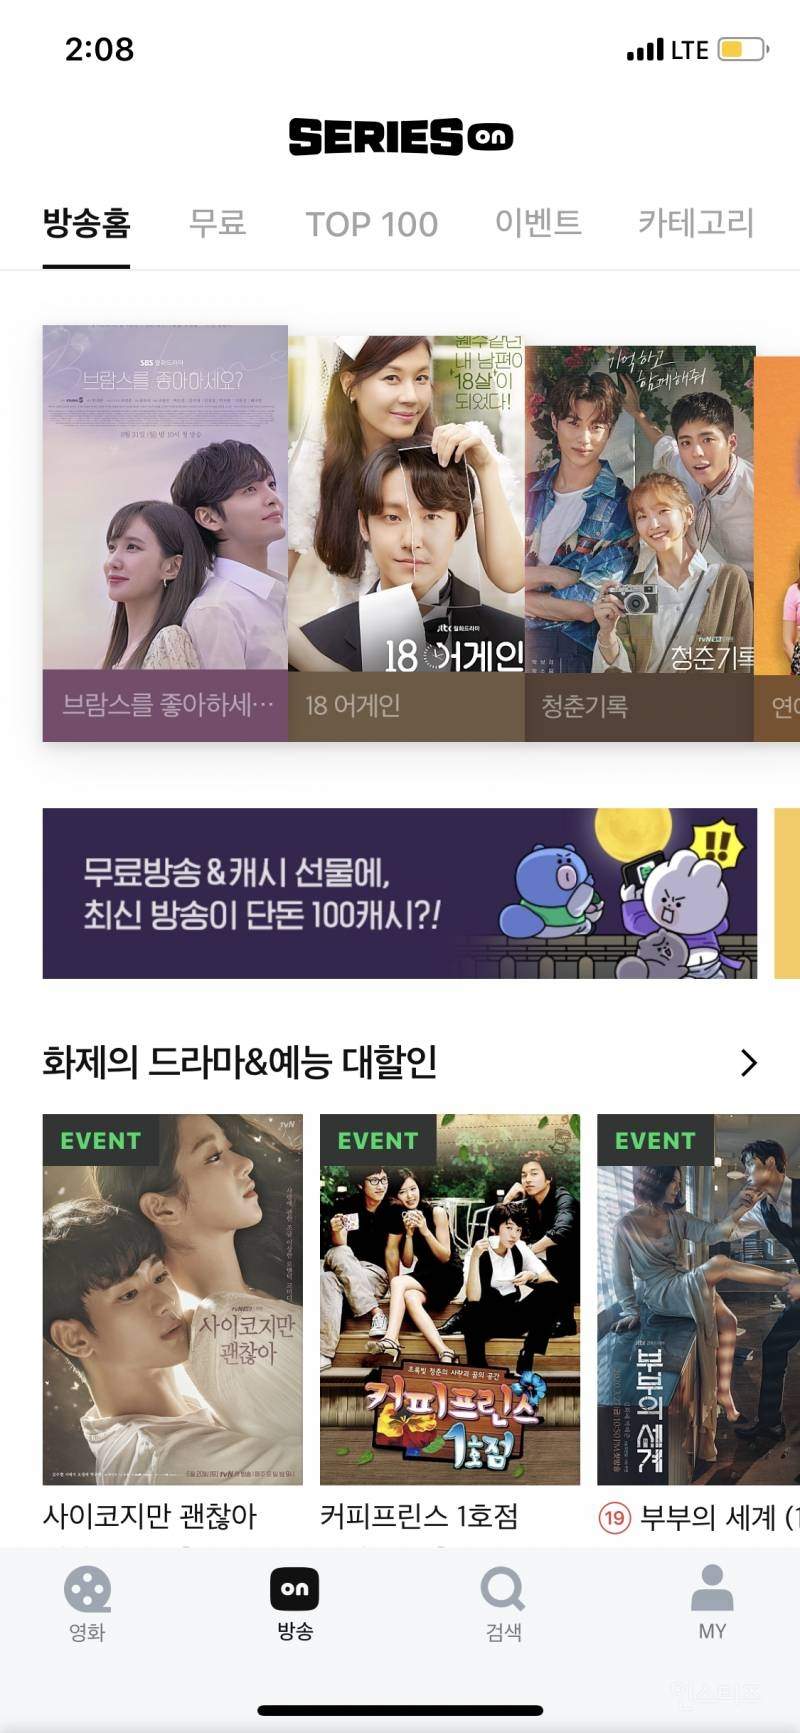 네이버 추석특집 무료영화 / 드라마 전편 100원 소장하는 법 | 인스티즈